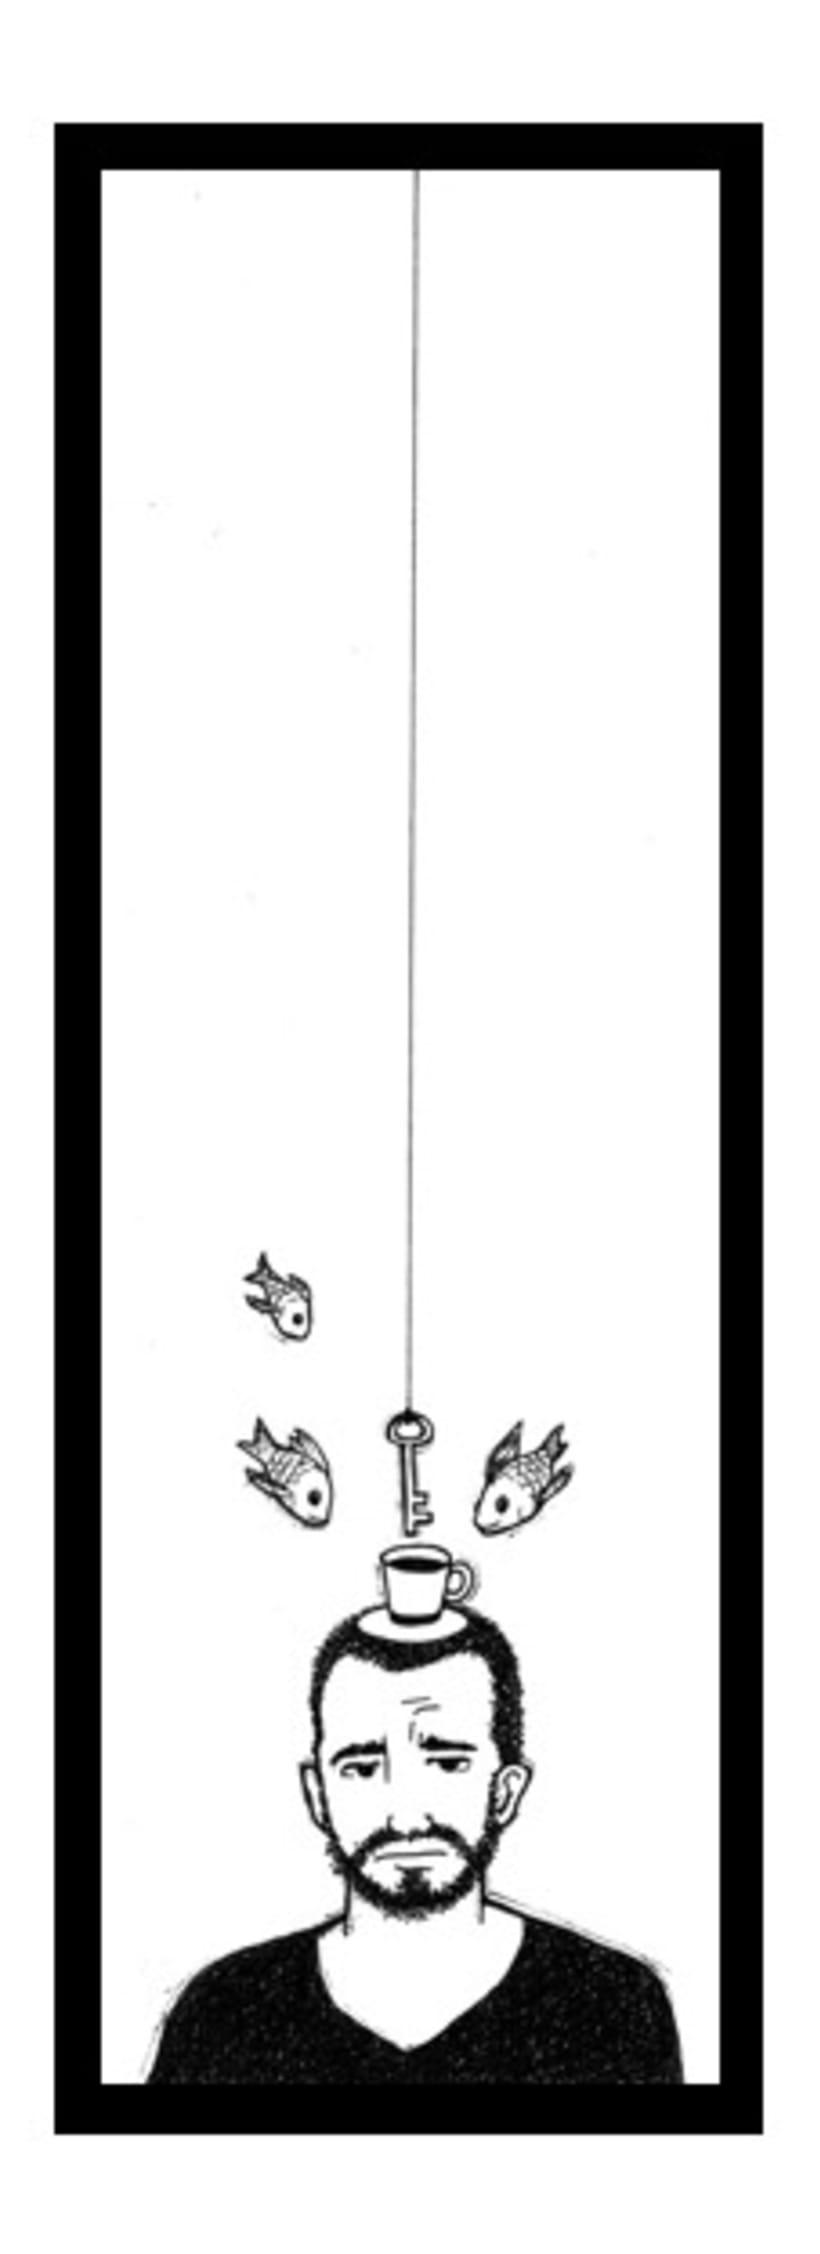 ilustración  18